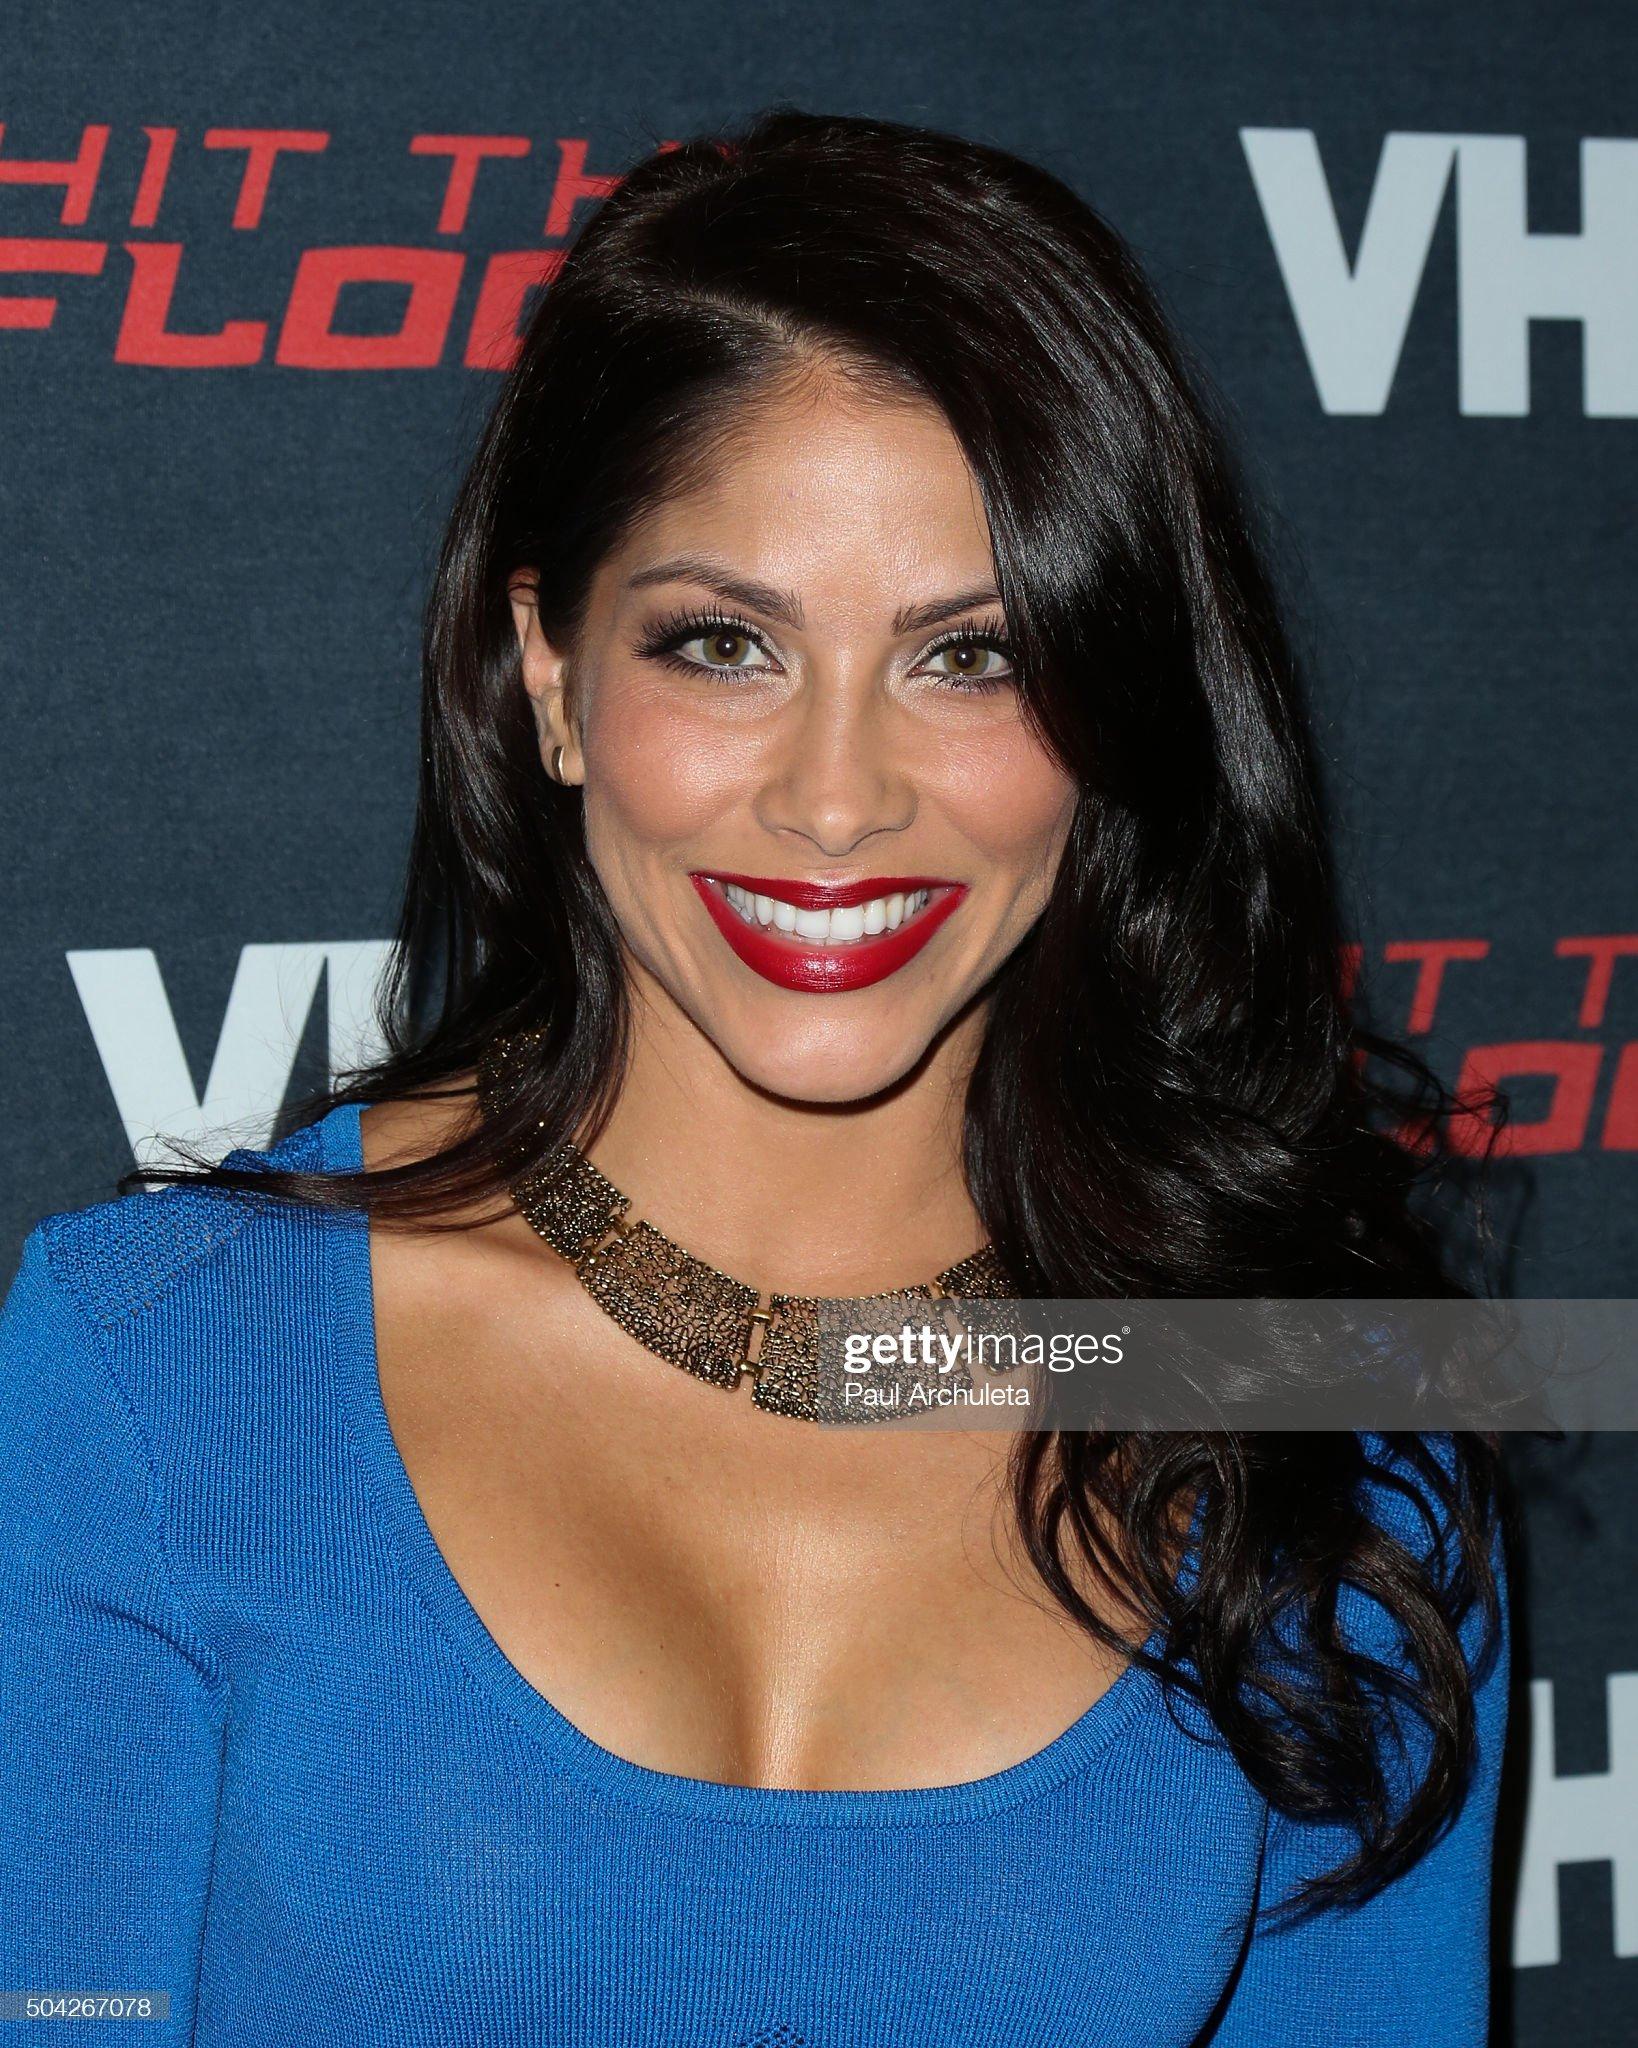 DEBATE sobre belleza, guapura y hermosura (fotos de chicas latinas, mestizas, y de todo) - VOL II - Página 9 Actress-valery-ortiz-attends-the-premiere-of-vh1s-hit-the-floor-3-at-picture-id504267078?s=2048x2048